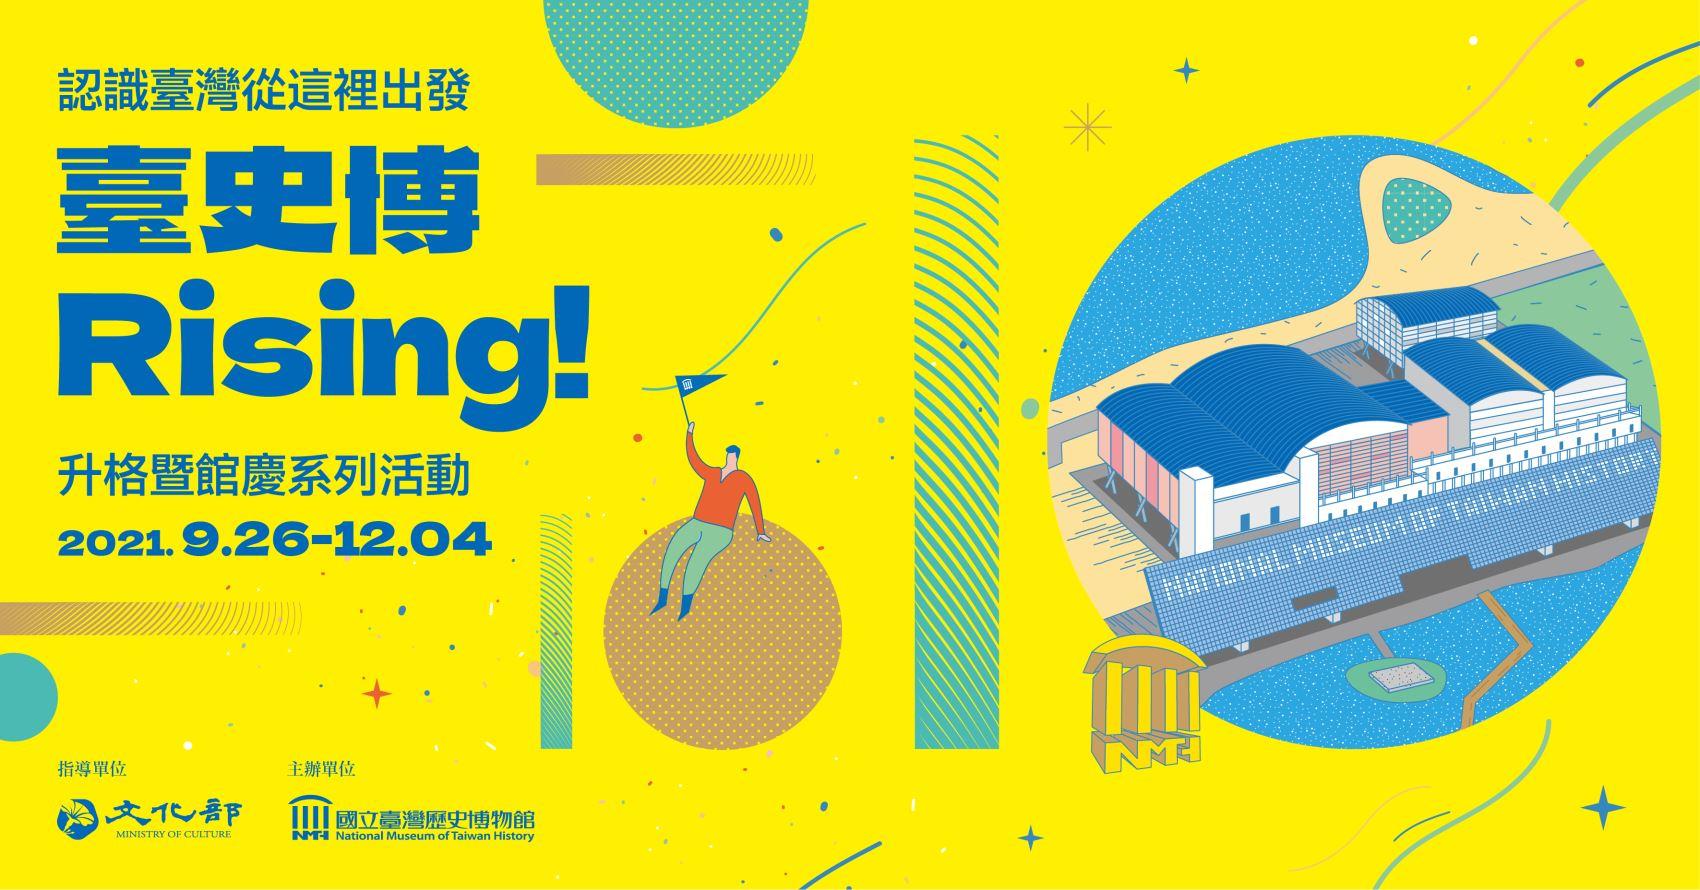 臺史博Rising! 認識臺灣從這裡開始。 升格暨館慶系列活動